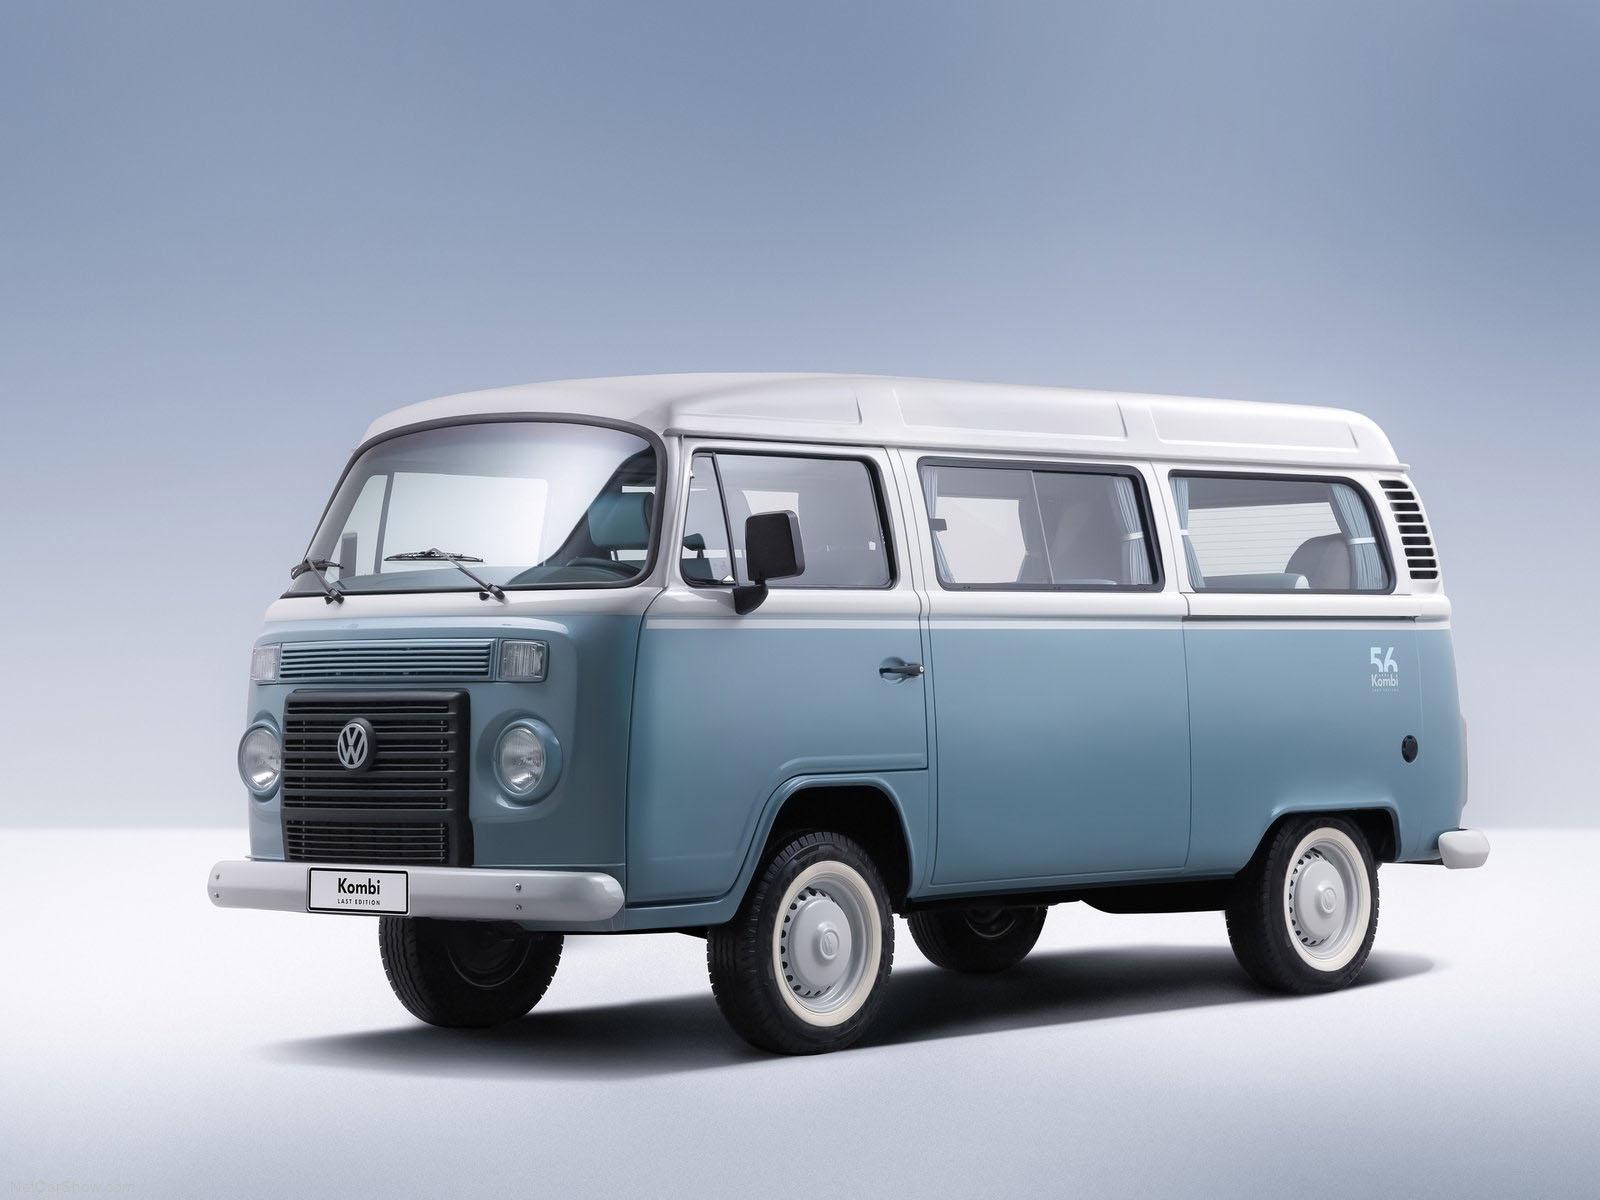 novo Volkswagen Kombi edição especial 2014 dianteira